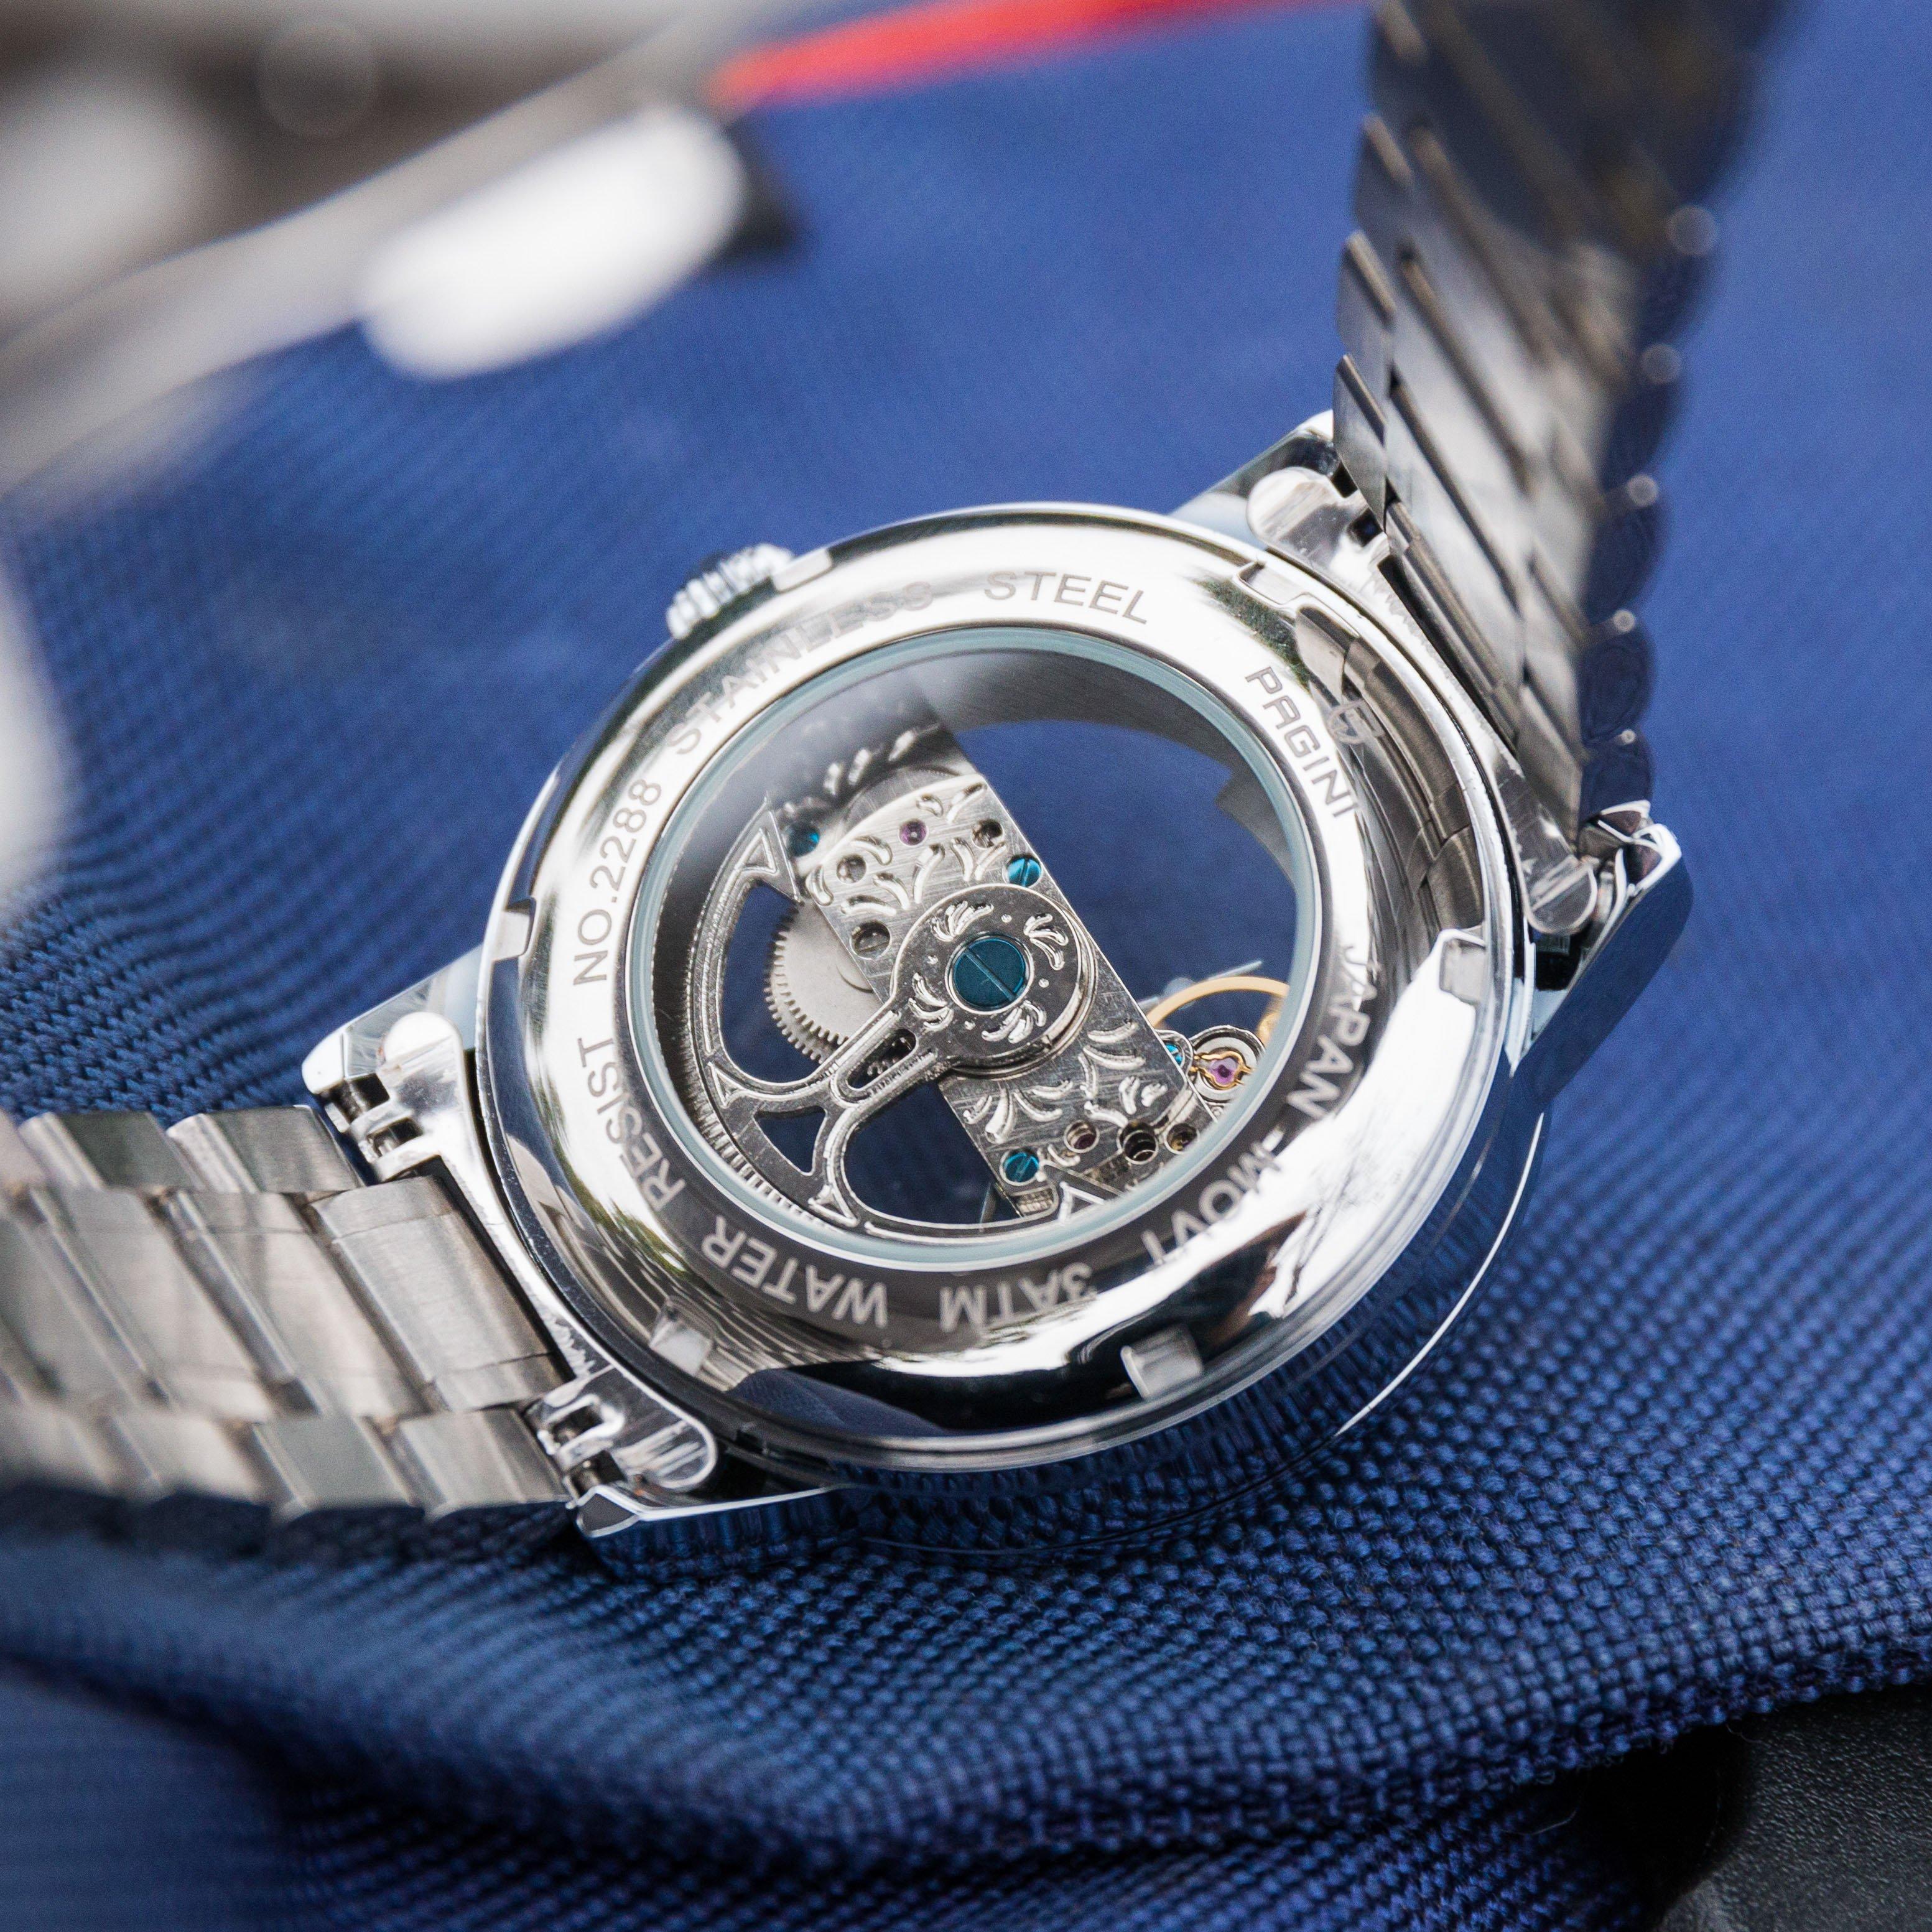 Đồng hồ cơ nam PAGINI PA2288 lộ máy cao cấp dây thép đúc – Phong cách sang trọng, lịch lãm, thời thượng SIÊU KHỦNG